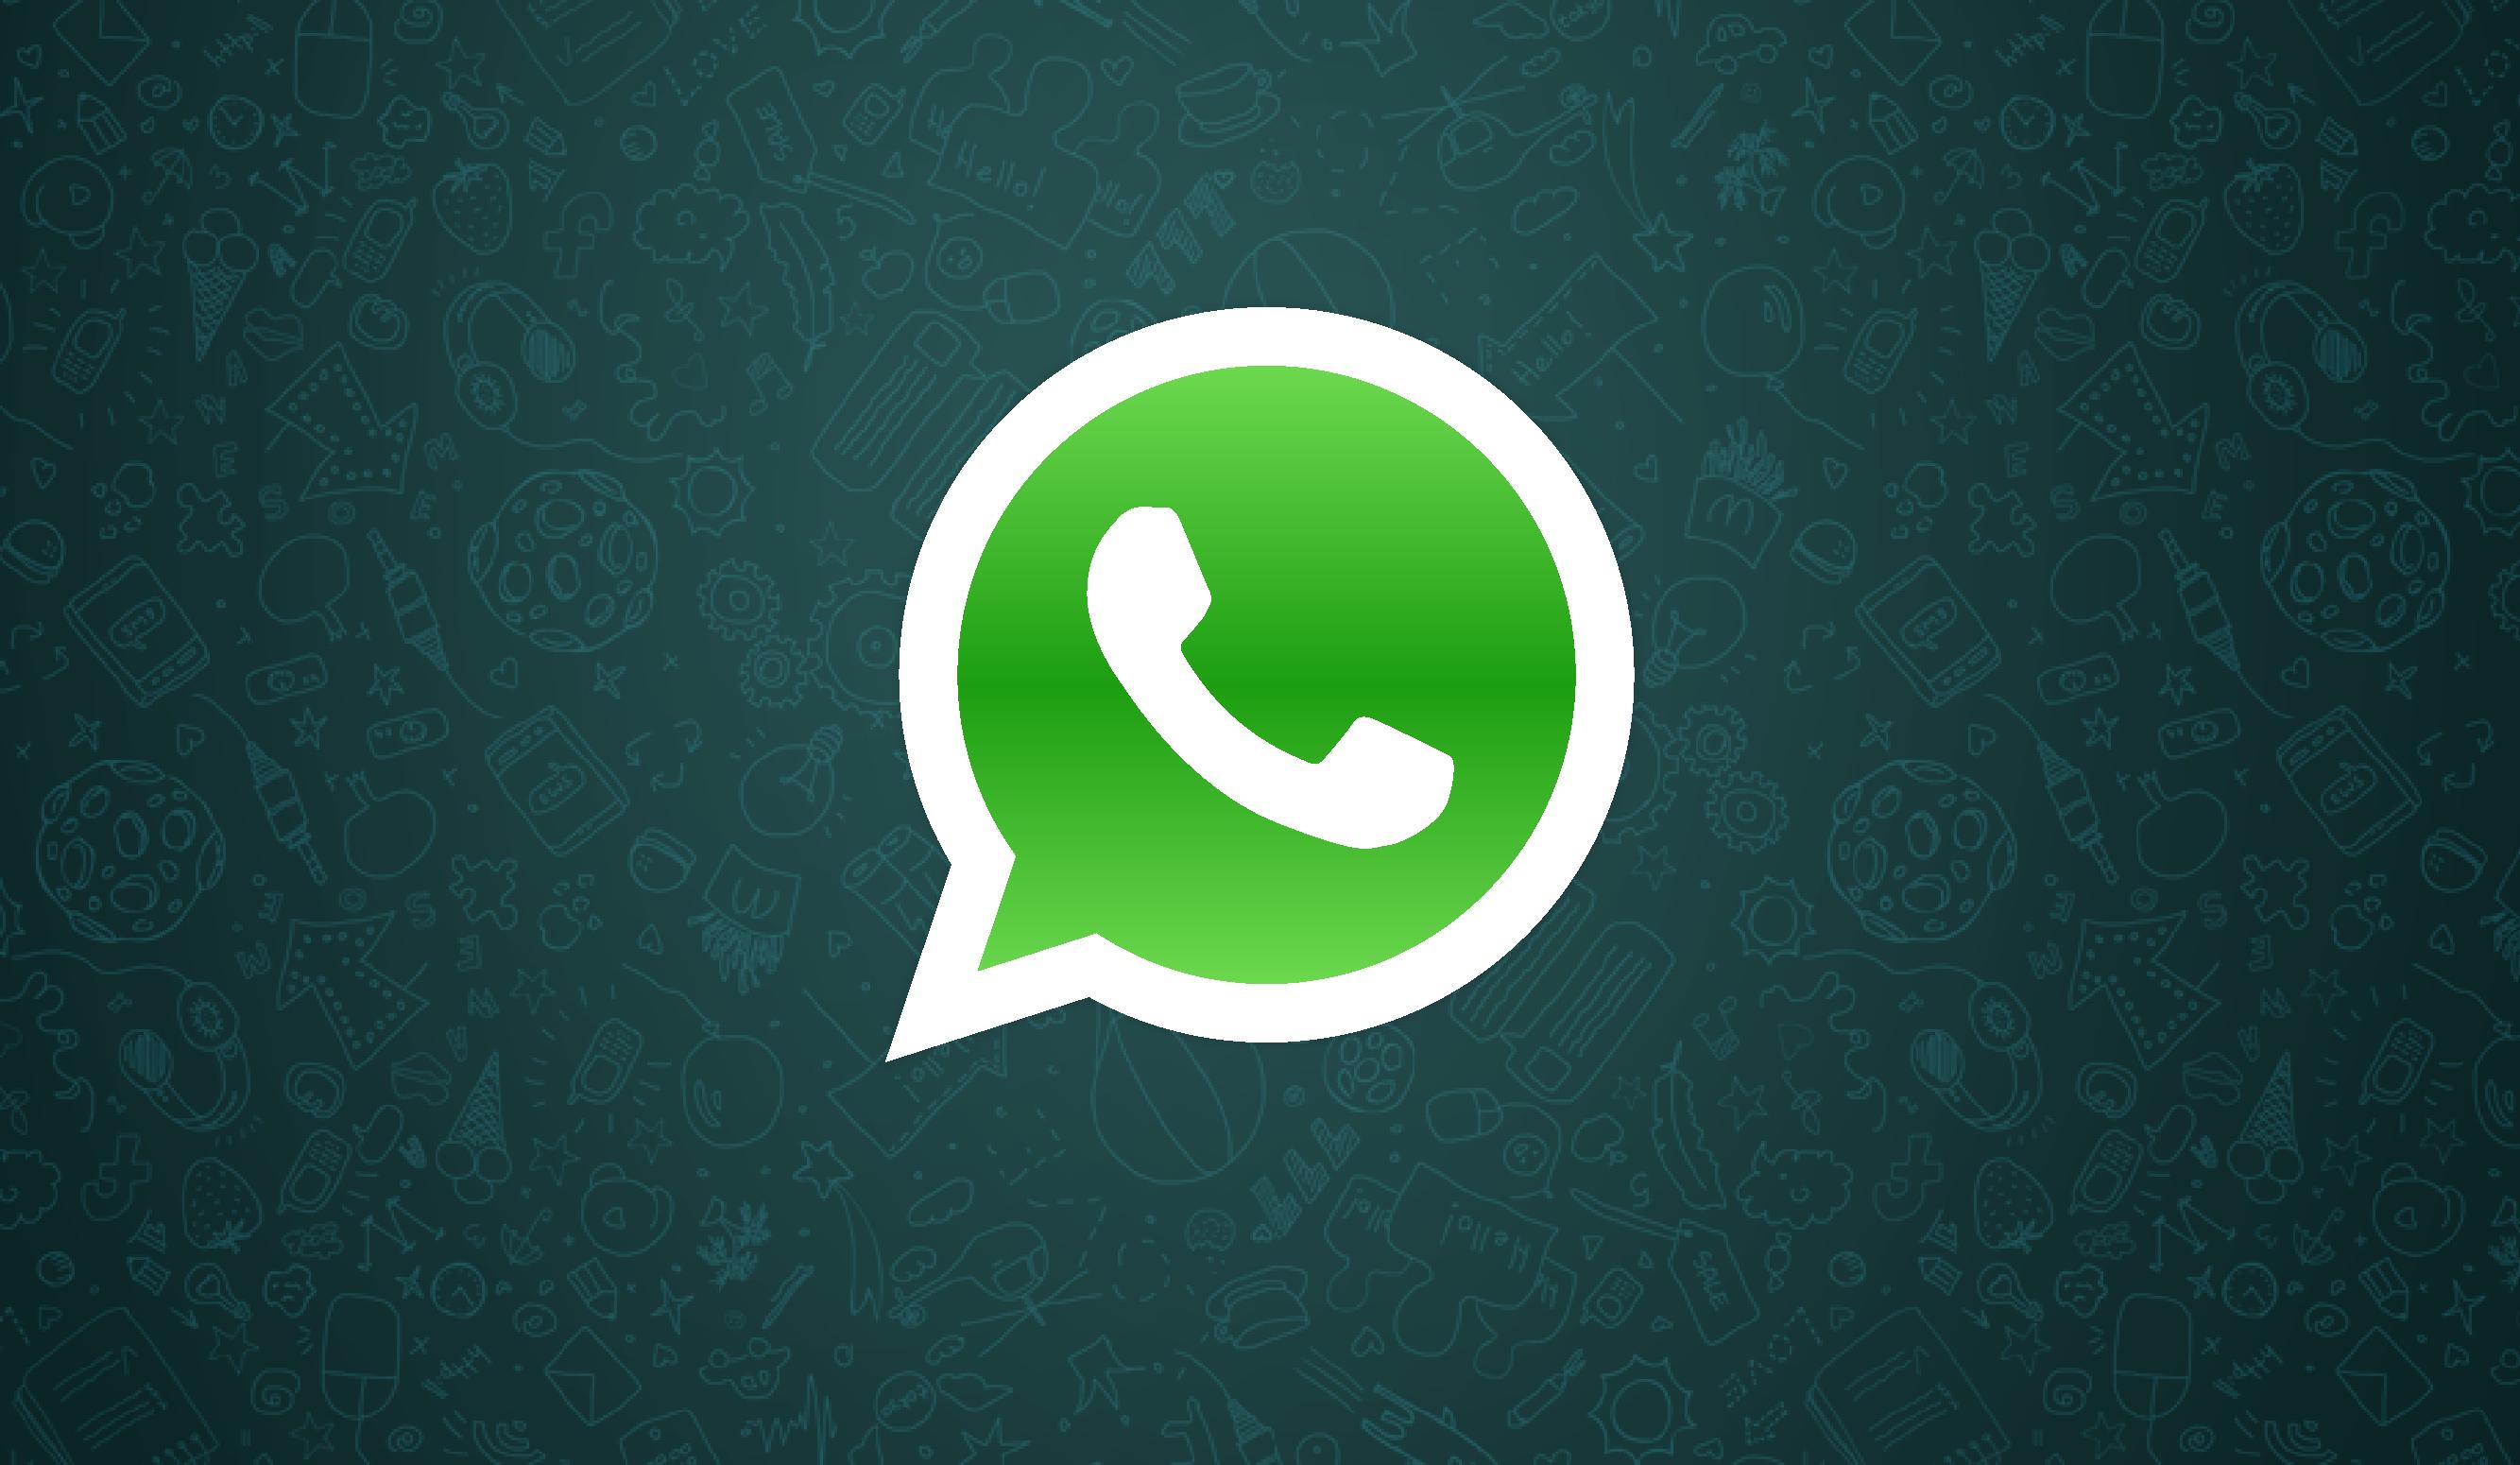 Токен для Whatsapp представлять в першій половині 2019 року